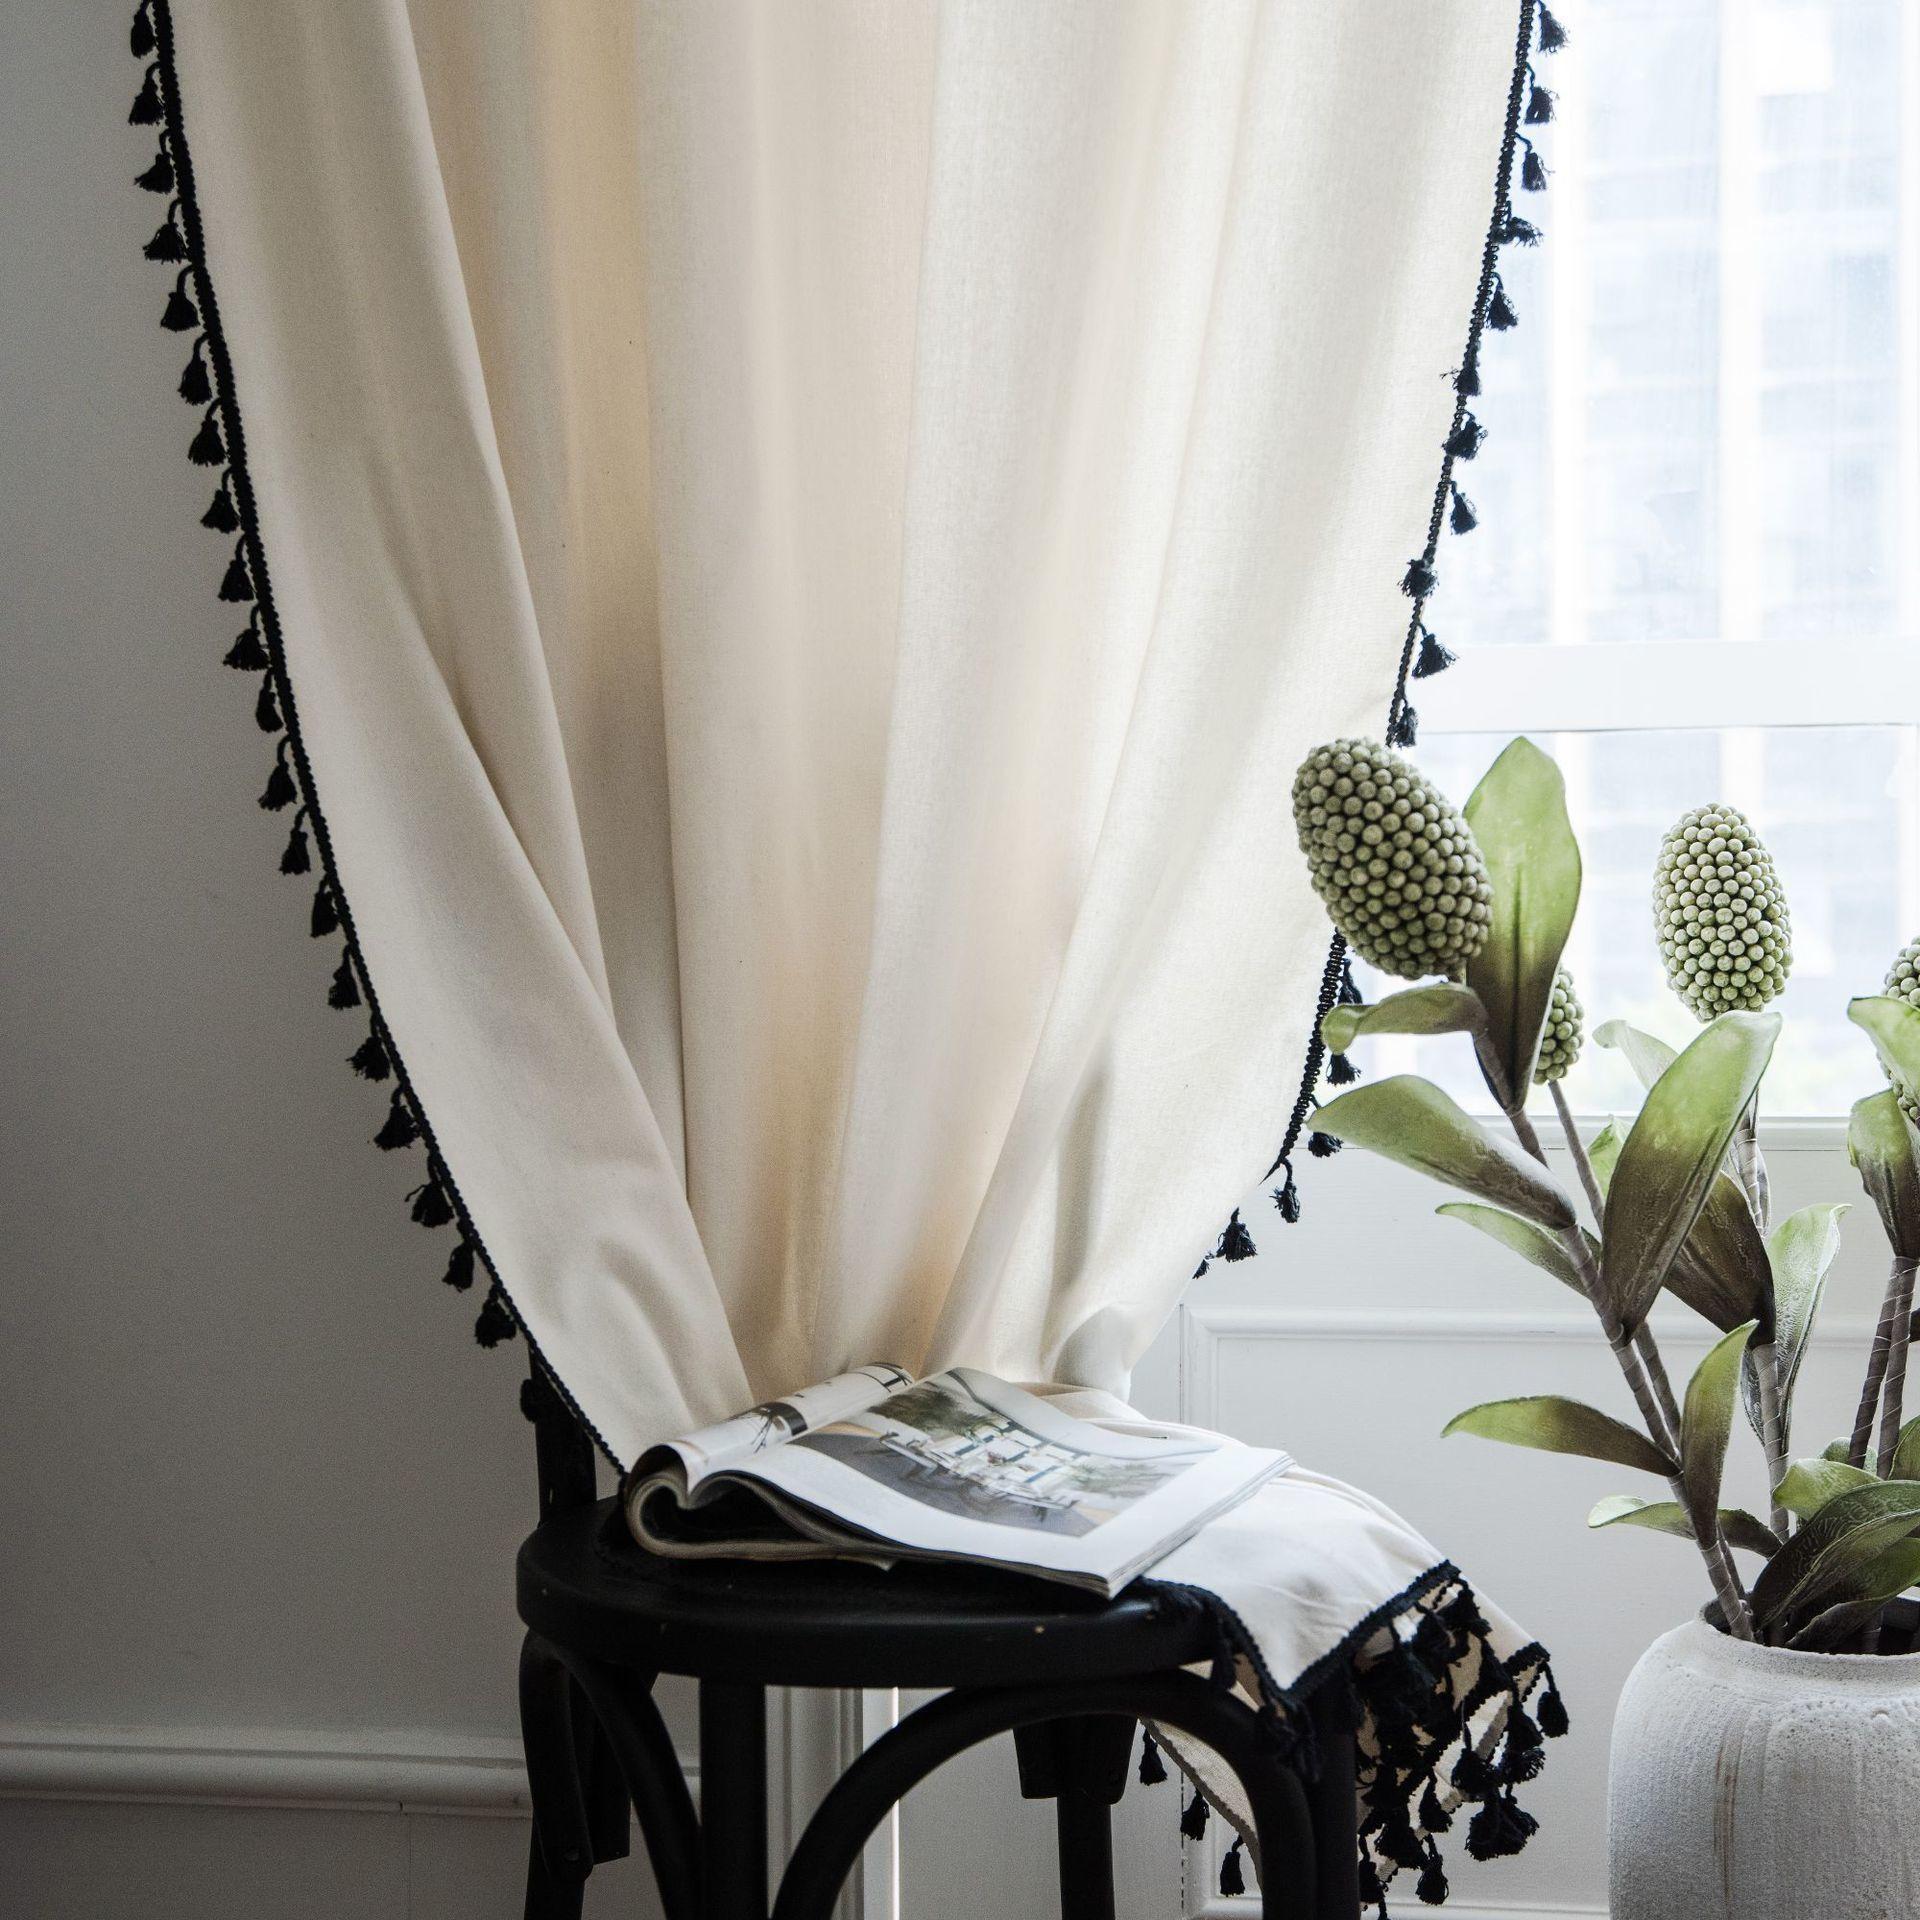 Современная Корея Сплошные белые занавески Черная кисточка для гостиной спальни Windows Хлопок Льняная кухня готовая занавес LJ201224